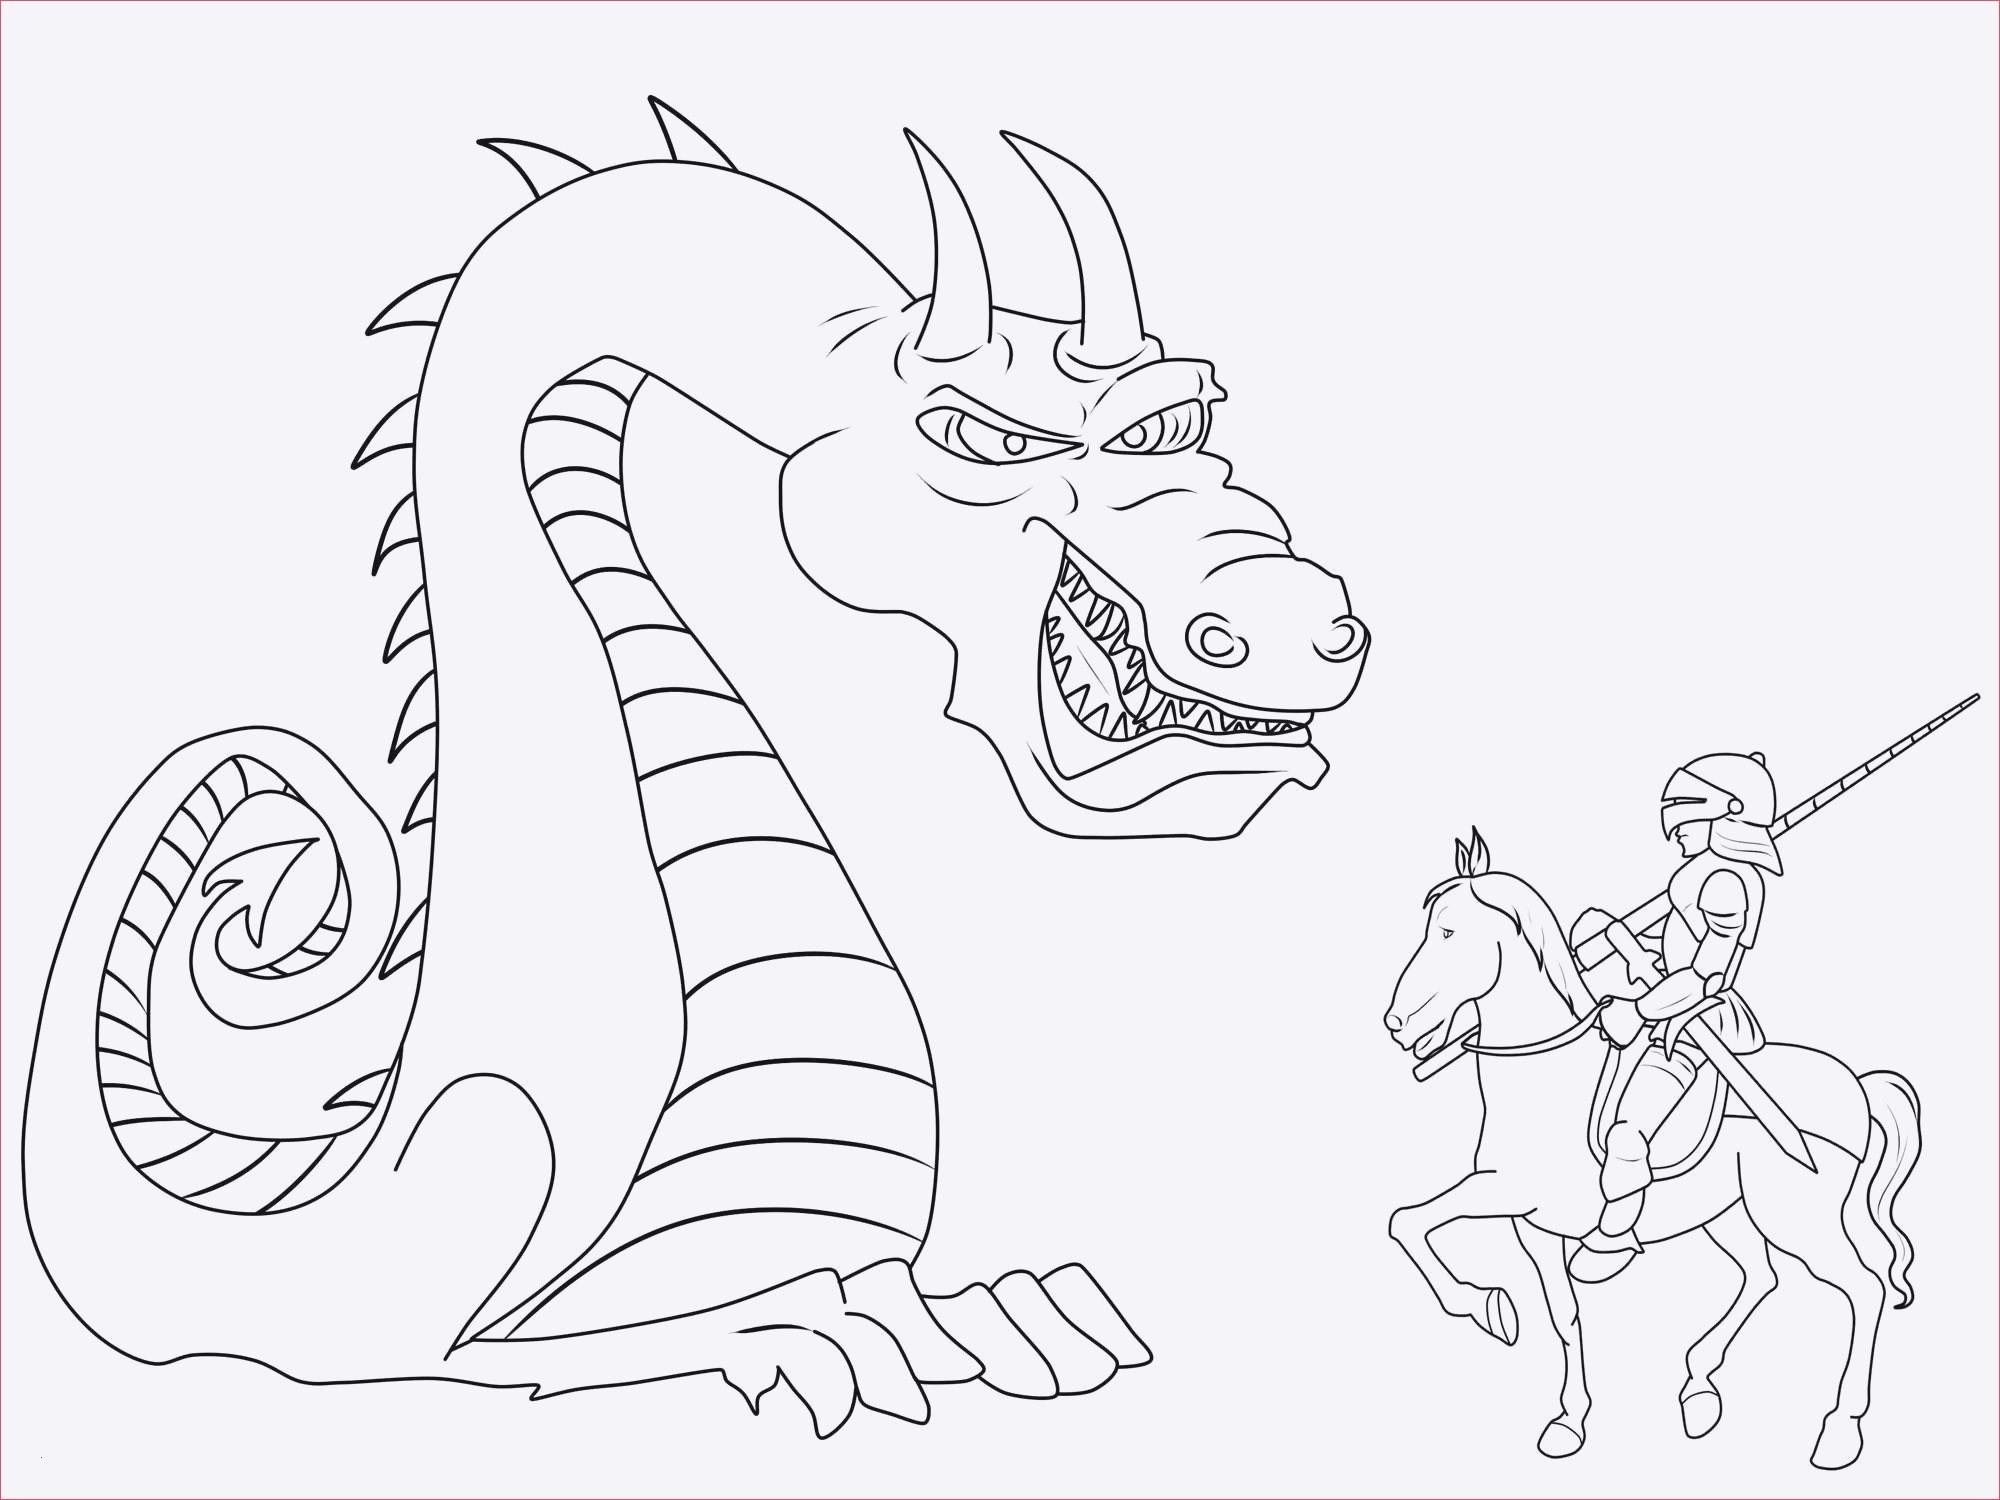 Ausmalbilder Pferde Turnier Neu 40 Luxus Malvorlagen Pferde Gratis Beste Malvorlage Das Bild